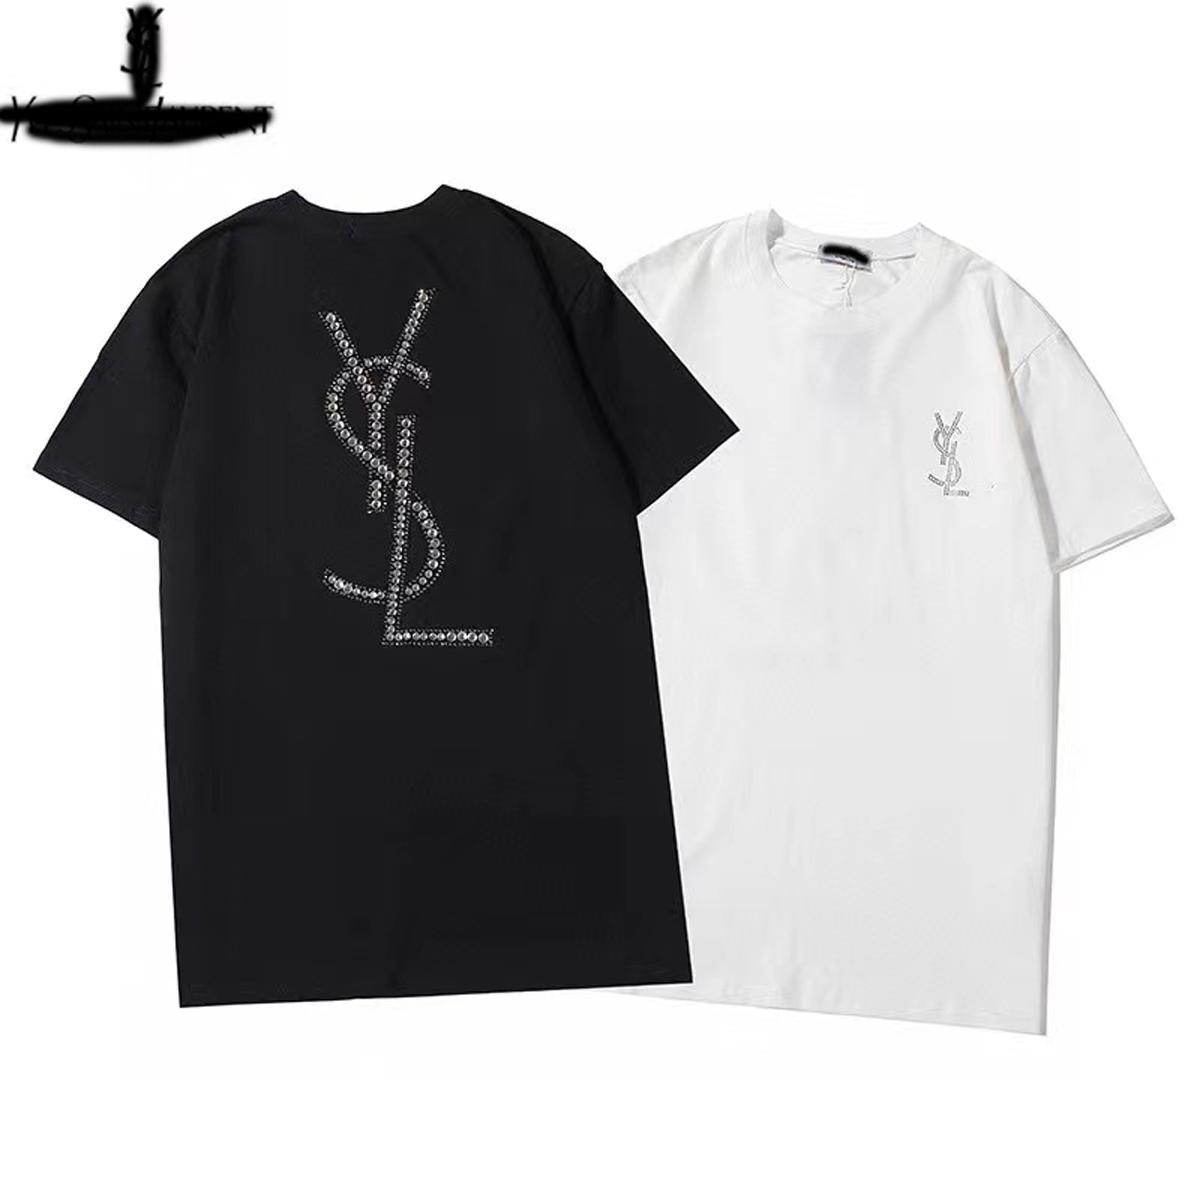 Die T-Shirt der Kleidung des Designer-Männer hat die höchste Qualität druckt in Europa und den Vereinigten Staaten, die sehr schön sind